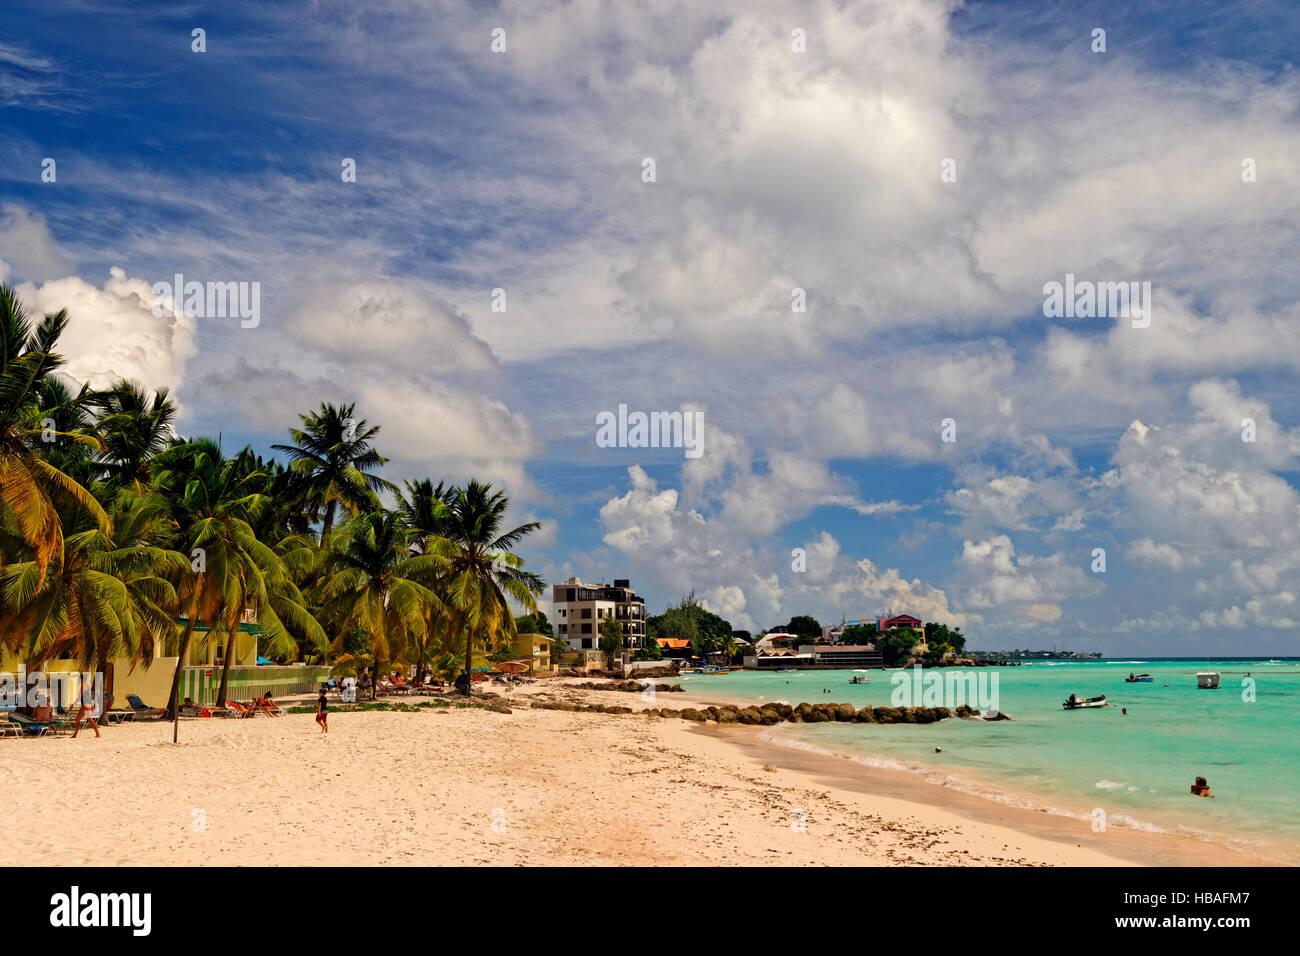 Worthing Strand in Worthing, zwischen St. Lawrence Gap und Bridgetown, Südküste, Barbados, Caribbean. Stockbild